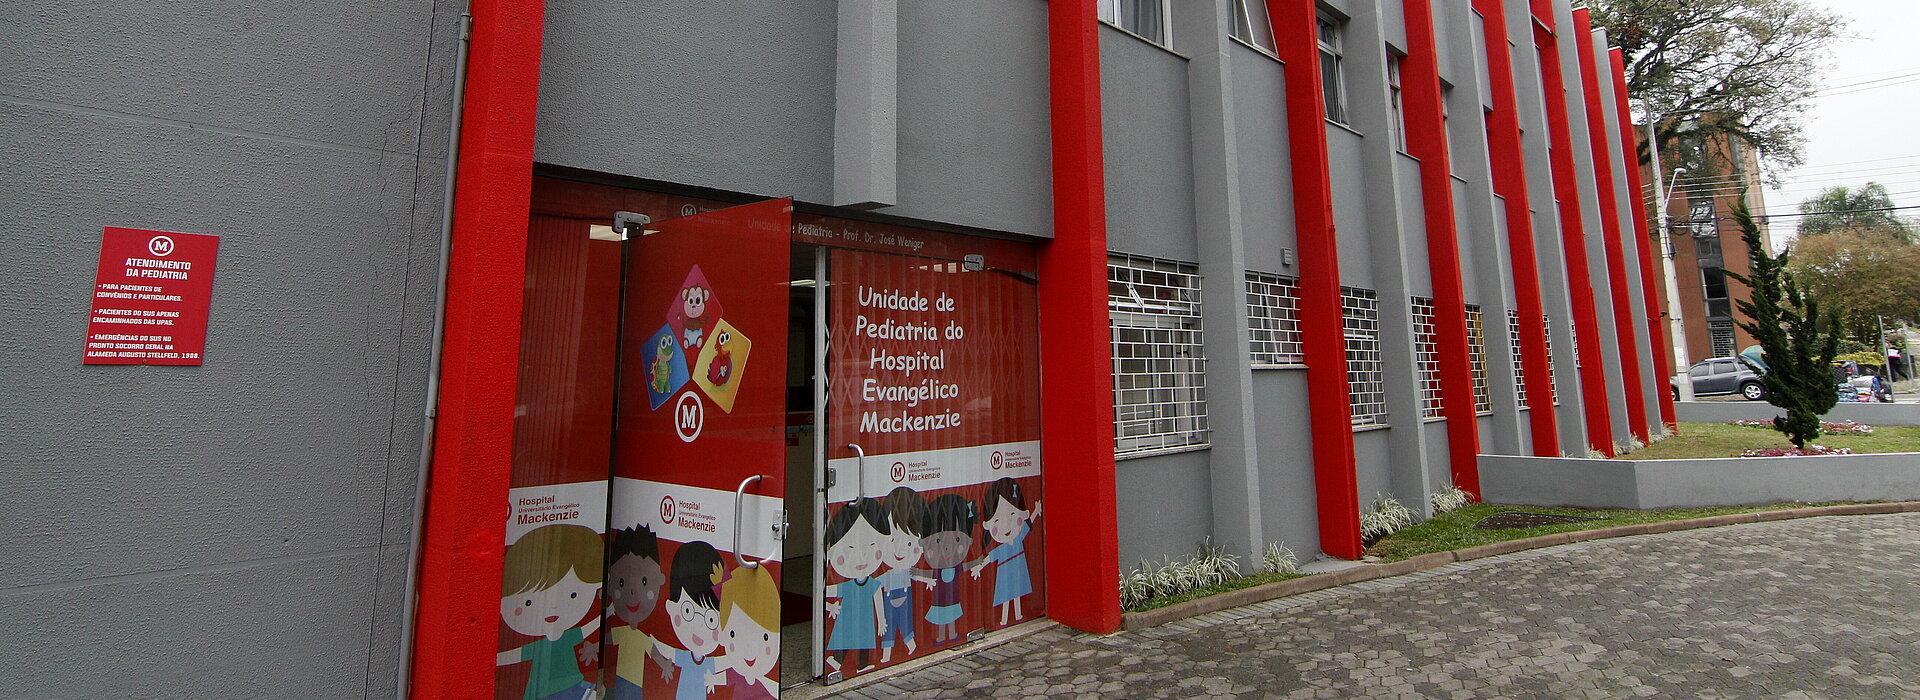 fachada da ala pediátrica do Hospital Mackenzie Curitiba